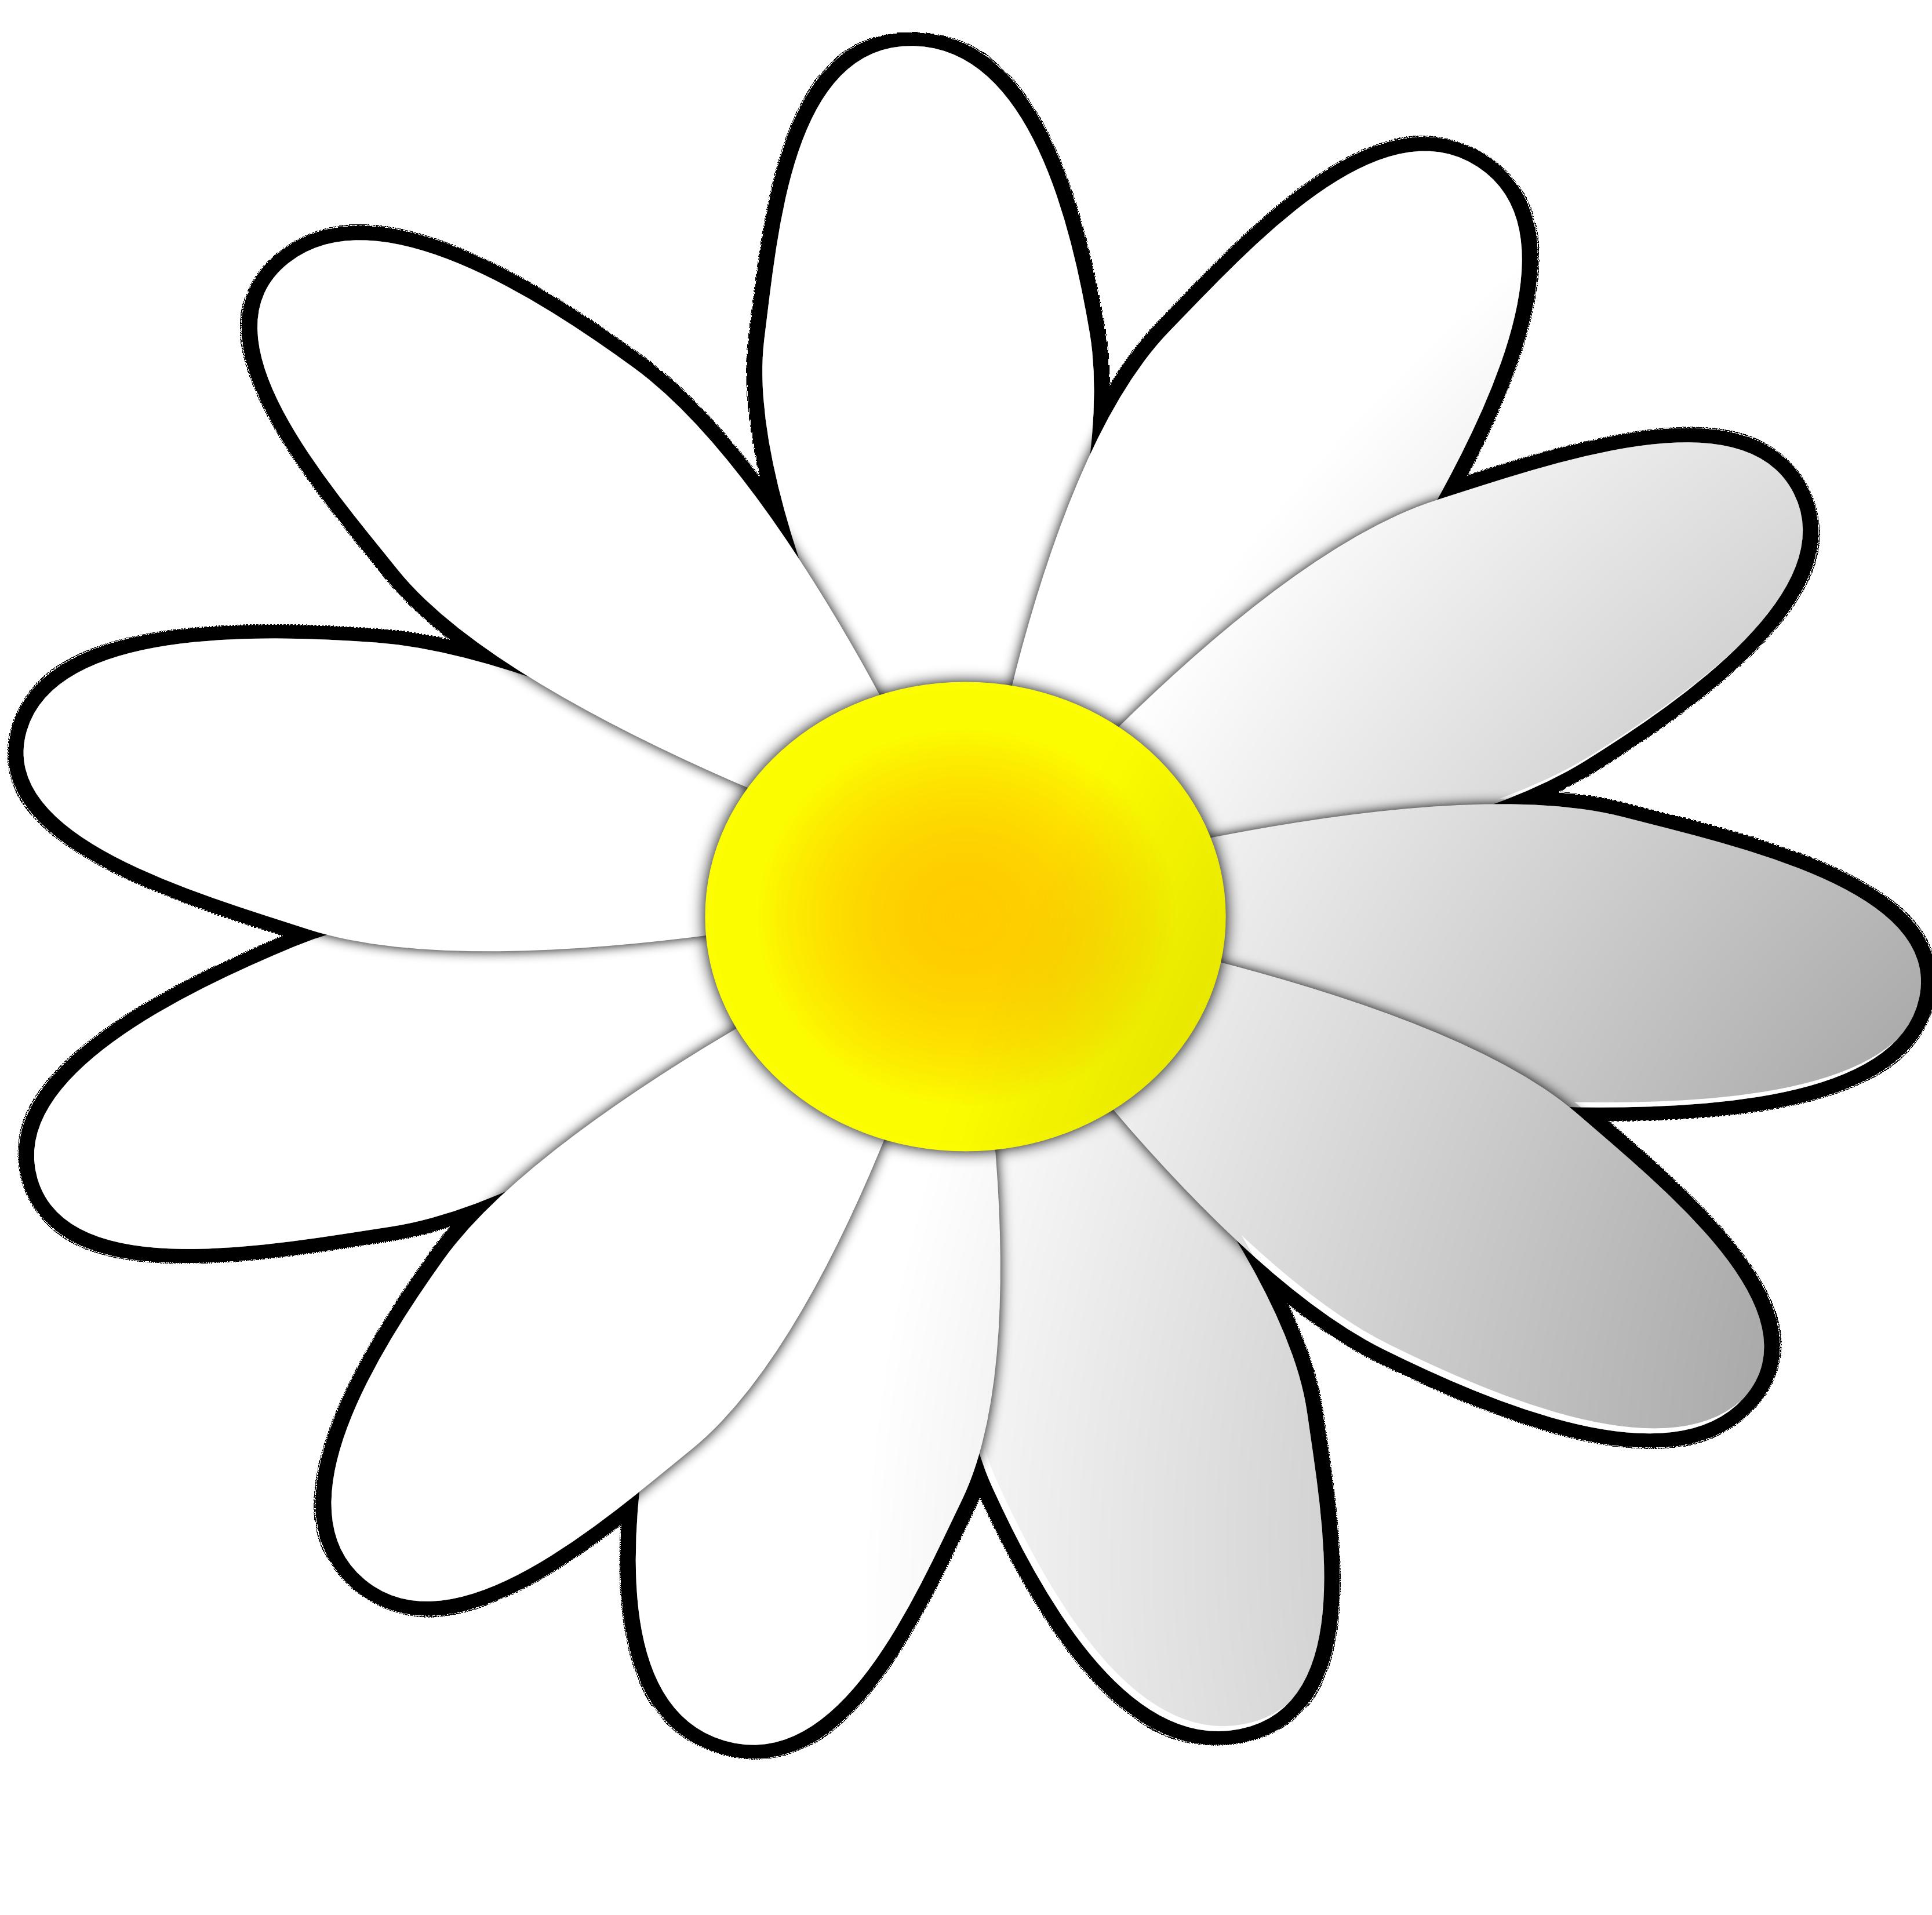 White Daisy Flower Clipart ...-White daisy flower clipart ...-14